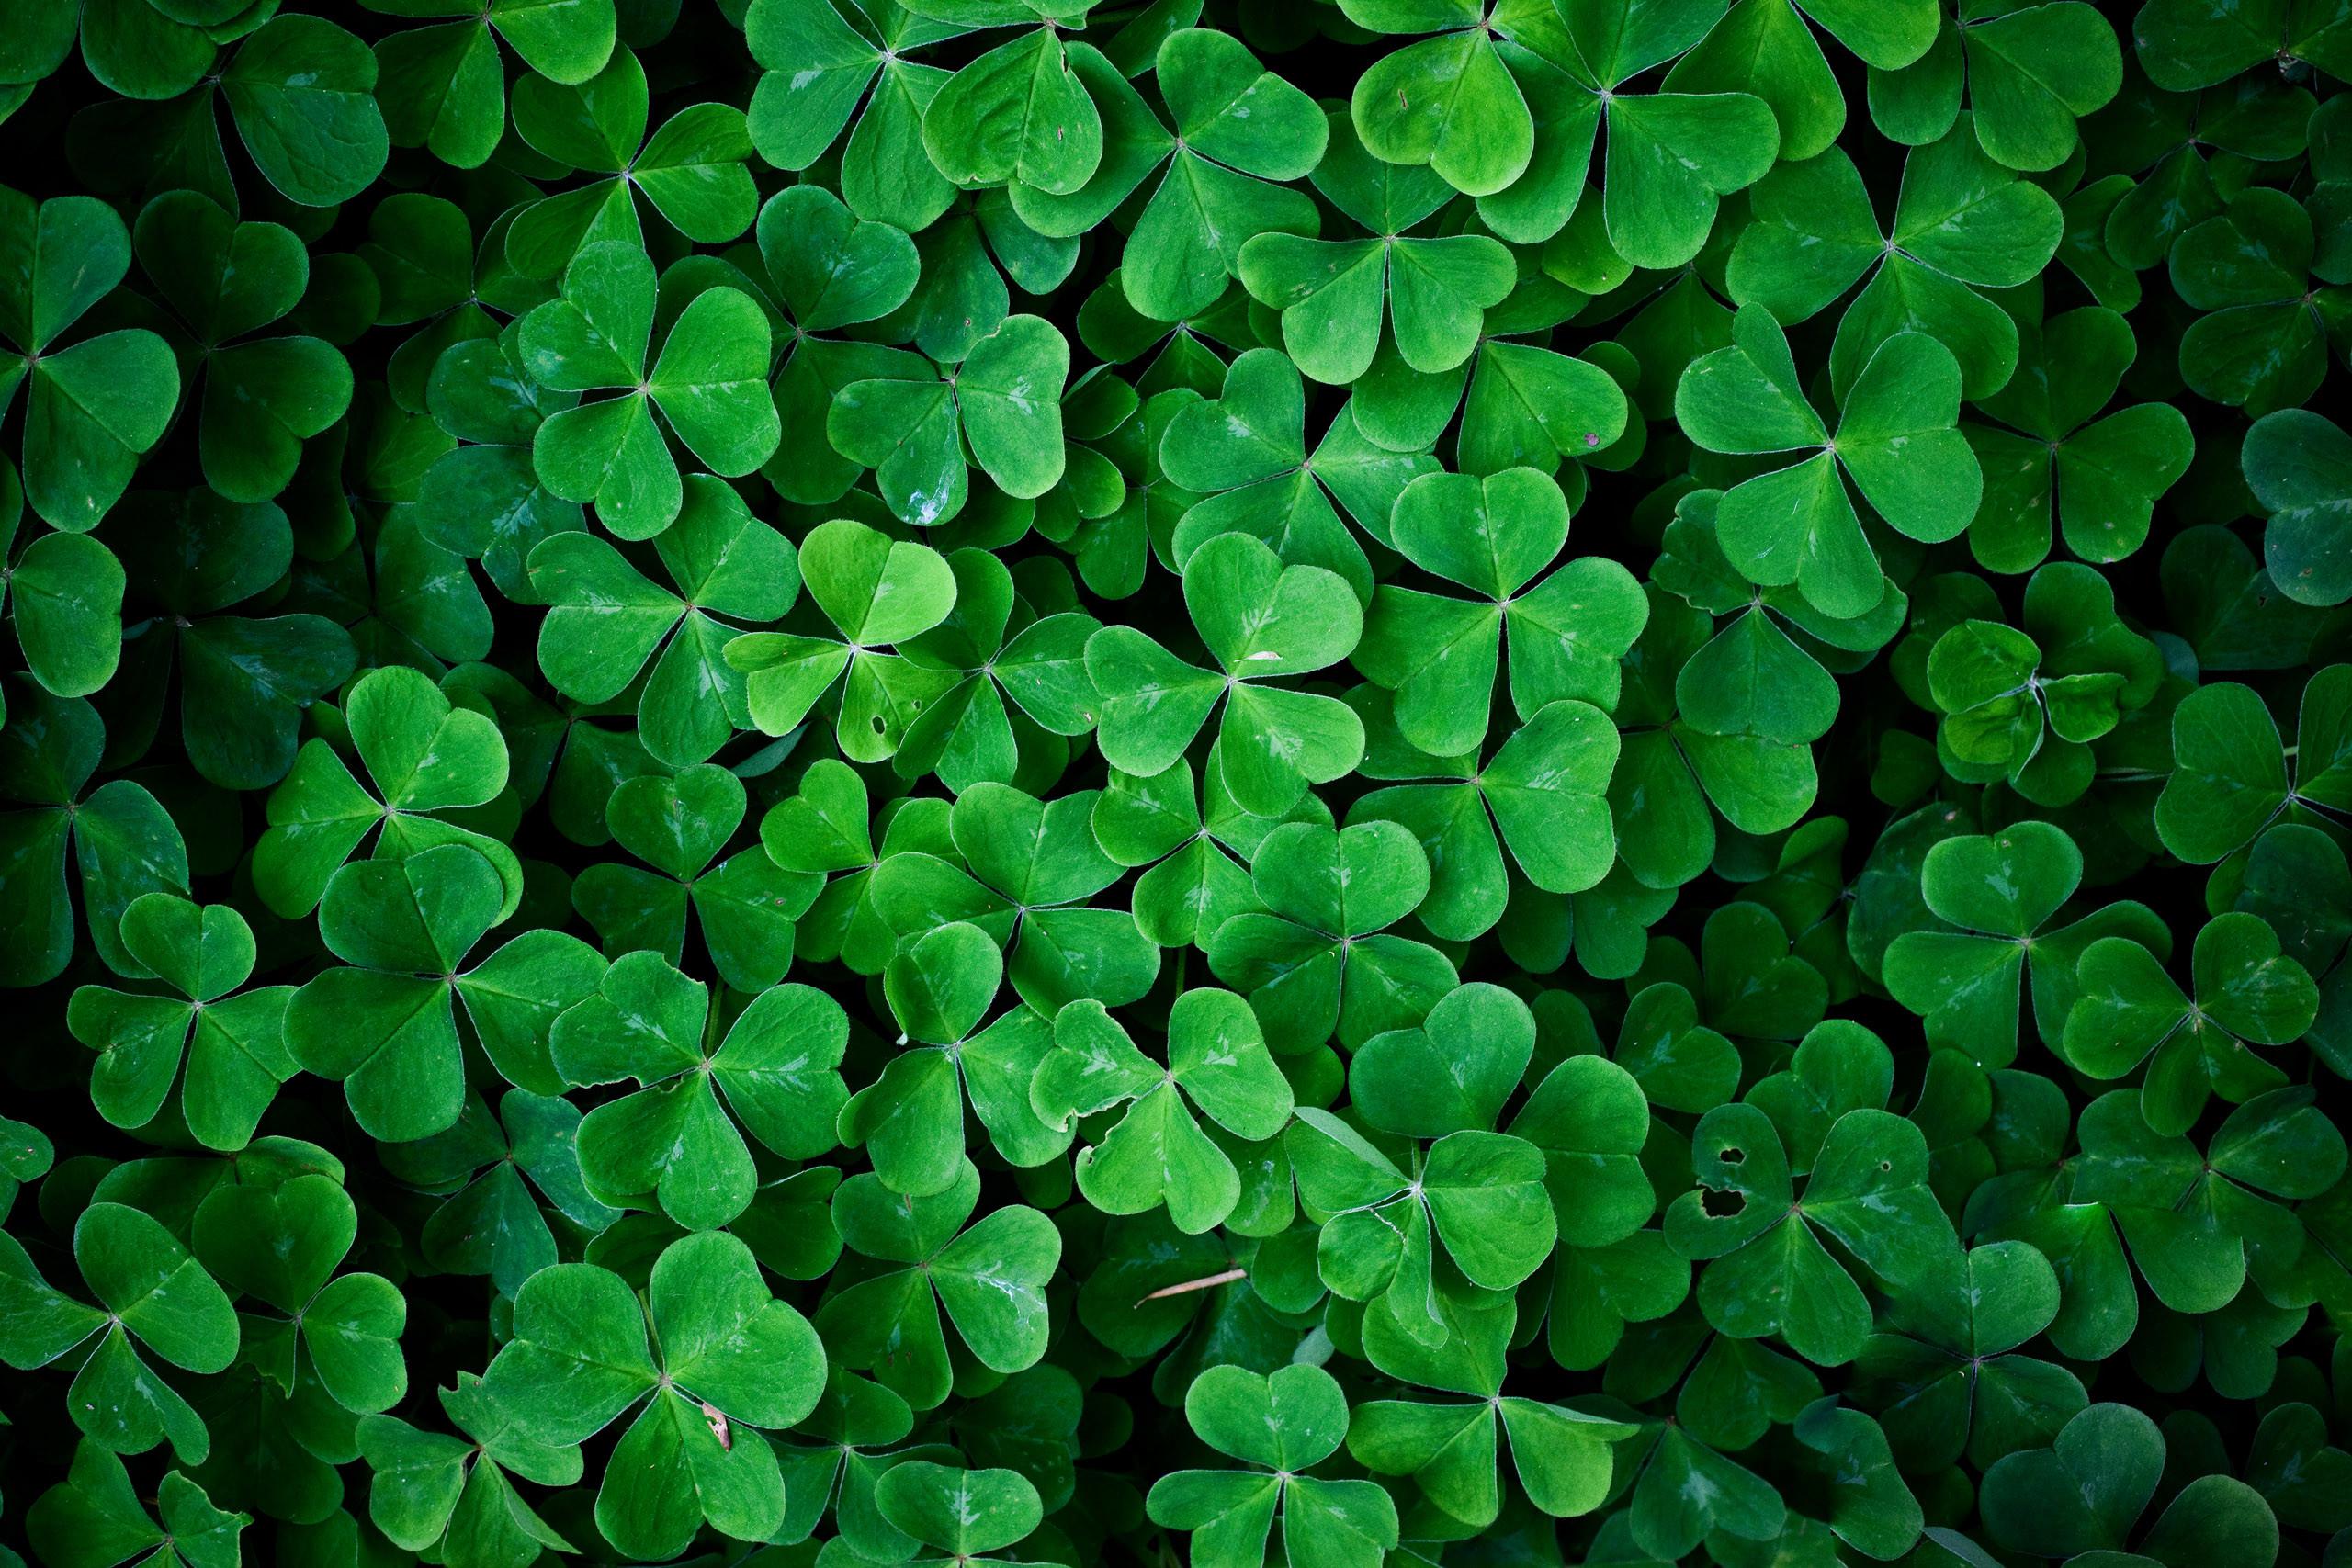 4k Wallpaper Green Leaves